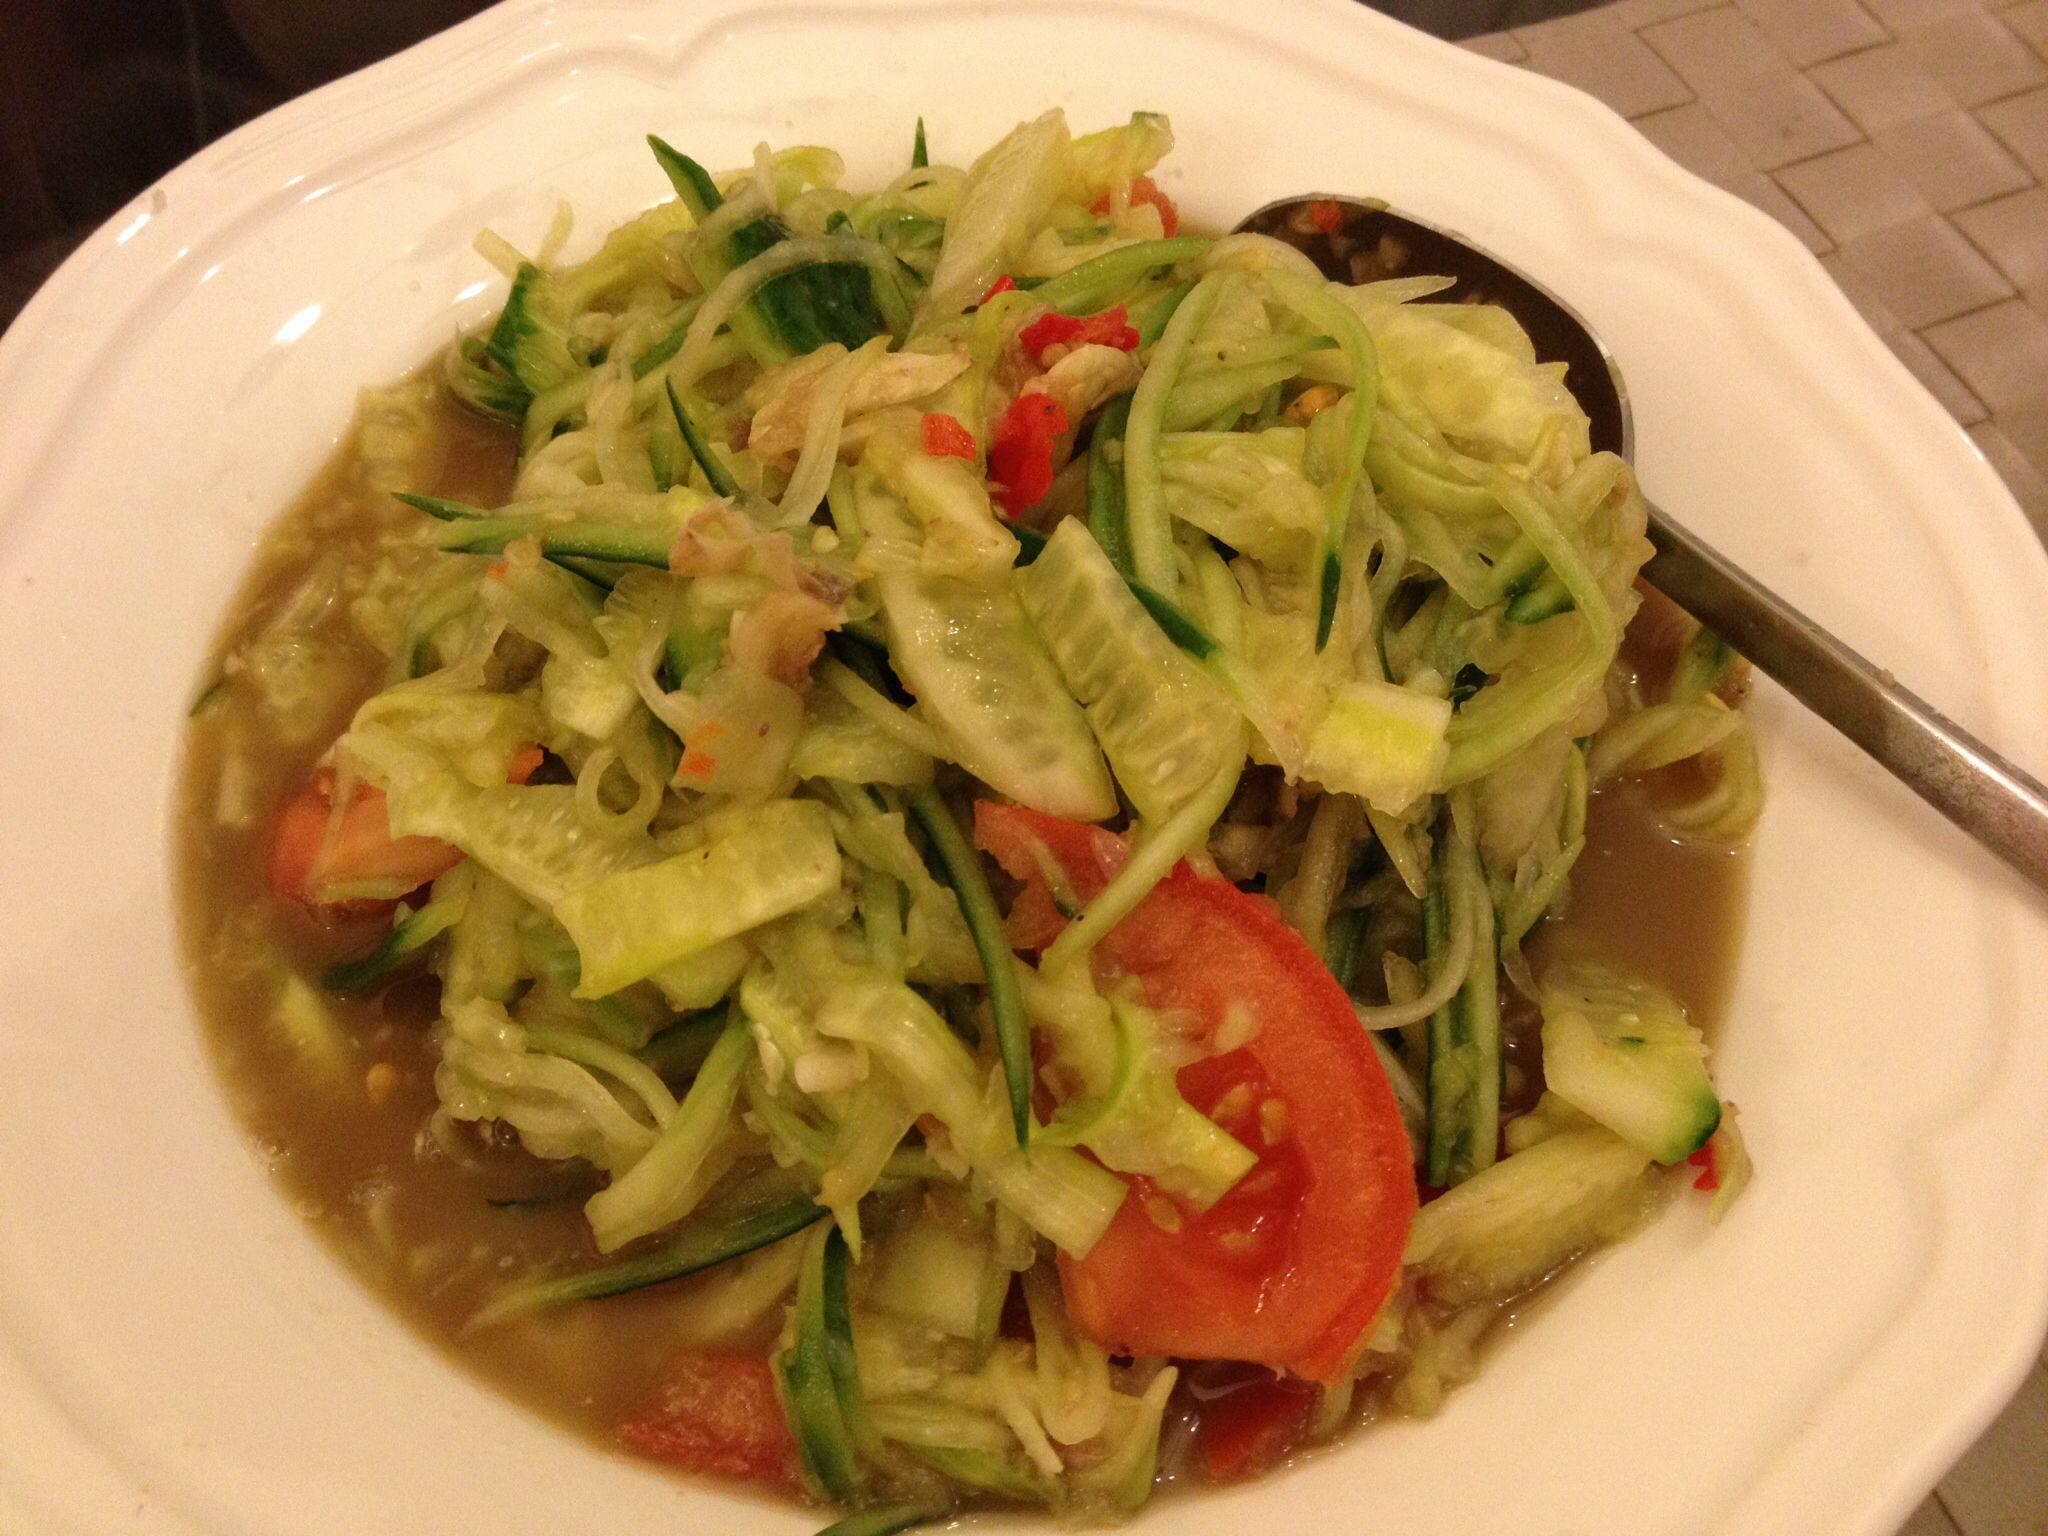 Salade De Concombre Au Kapi Cuisine Laotienne Ma Cuisine - Cuisine laotienne